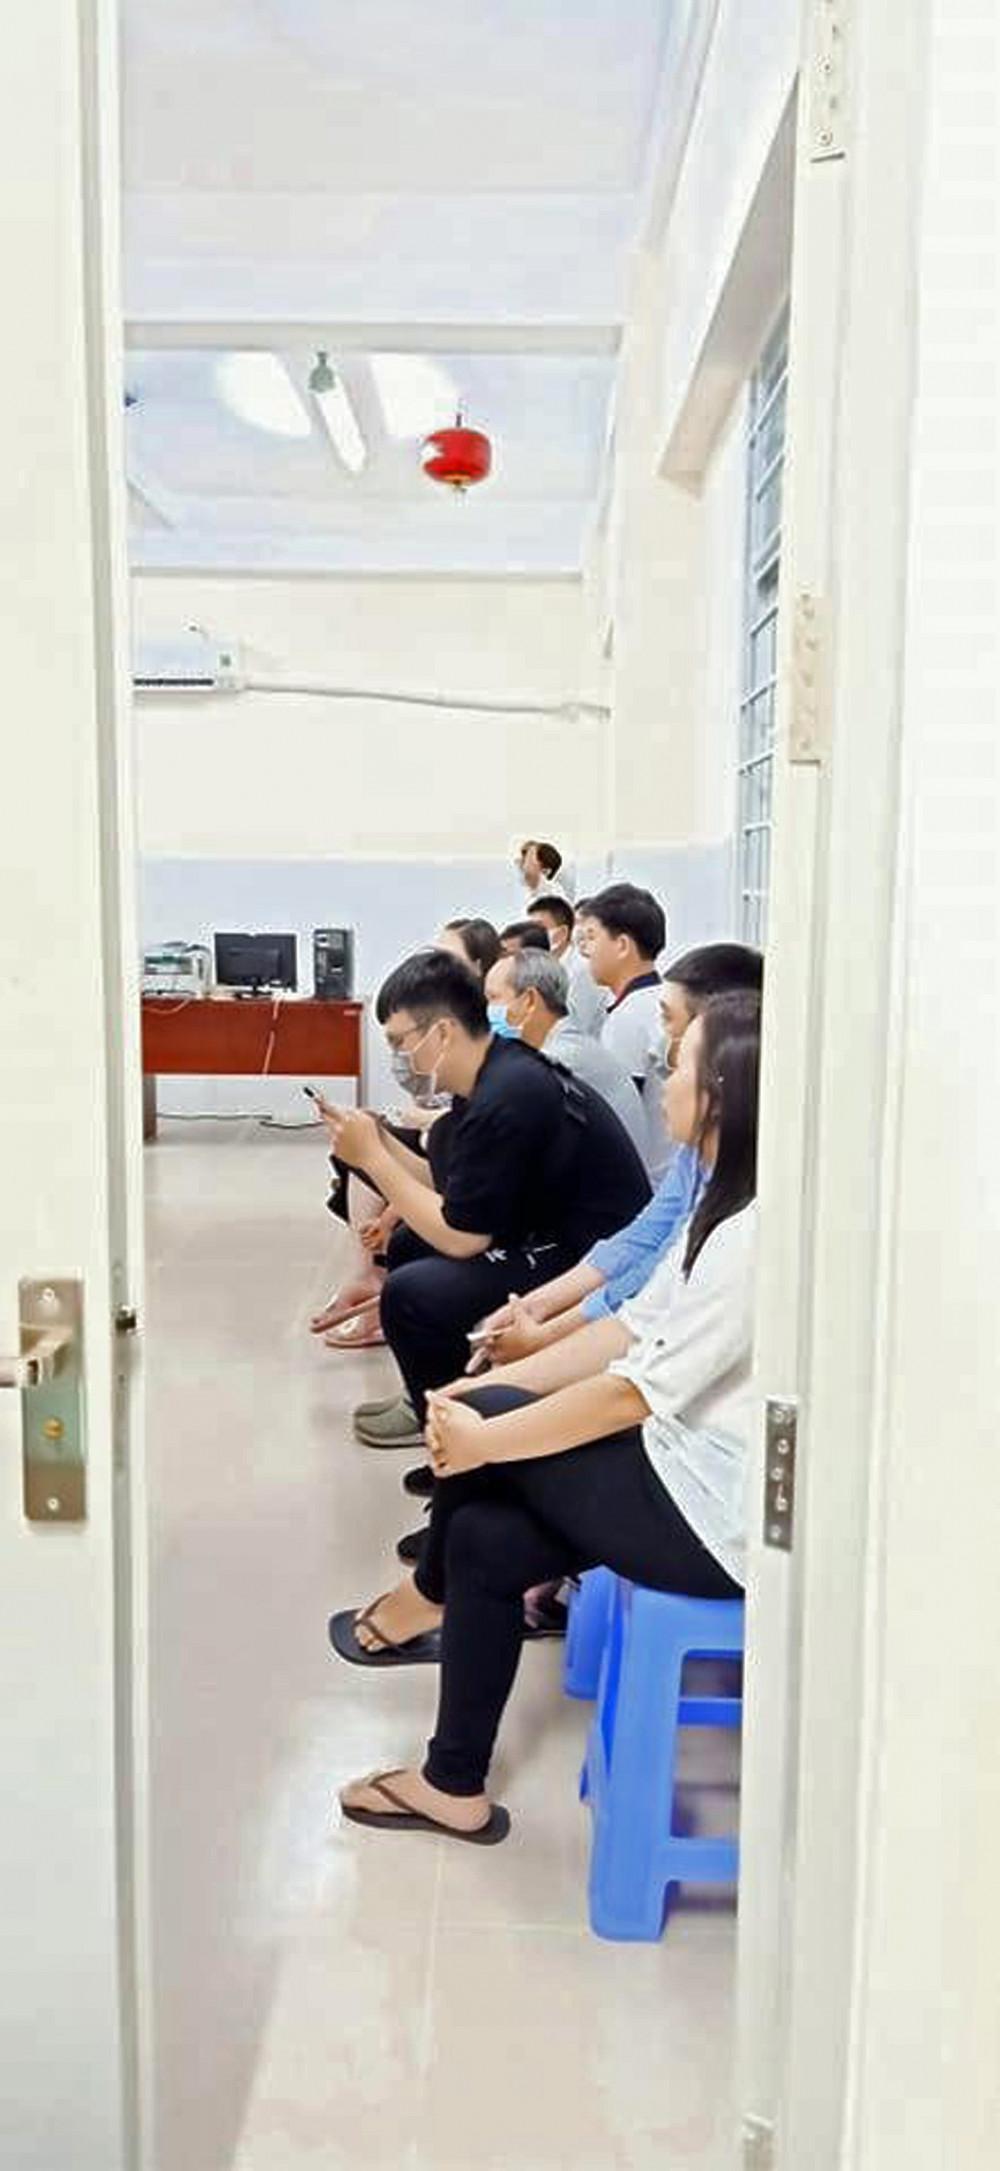 Hơn 1g sáng vẫn còn gần 20 người dân  đợi làm căn cước công dân ở P.An Lạc